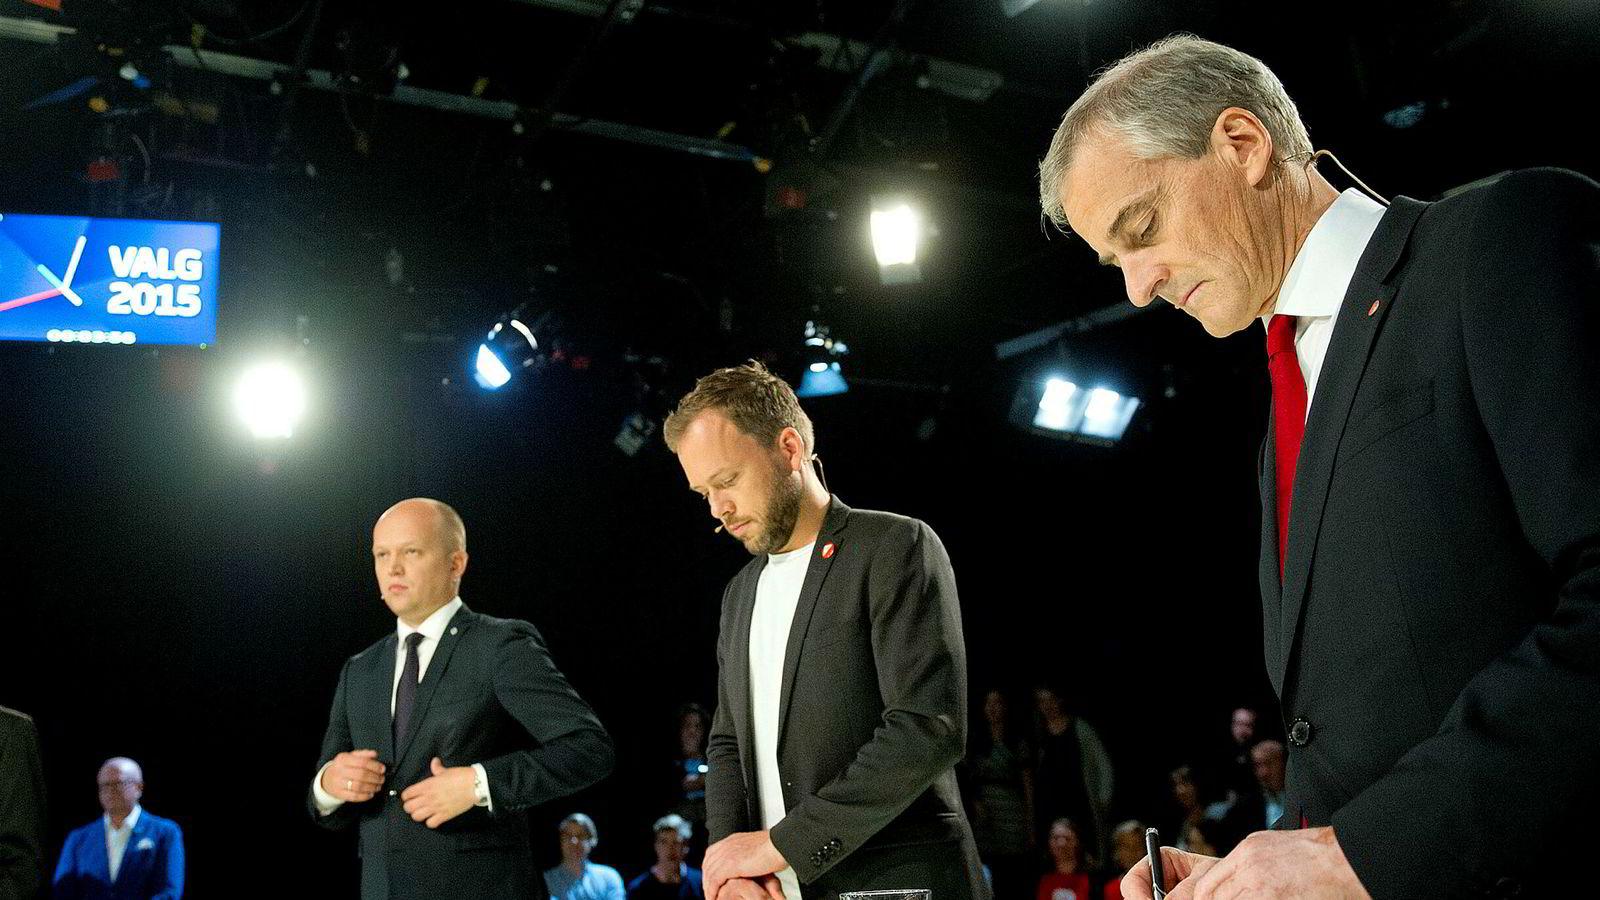 Trygve Slagsvold Vedum (Sp), Audun Lysbakken (SV) og Jonas Gahr Støre (Ap) ville til sammen kun fått 71 plasser på Stortinget med DNs februarmåling. Flertall på Stortinget krever 85 mandater.